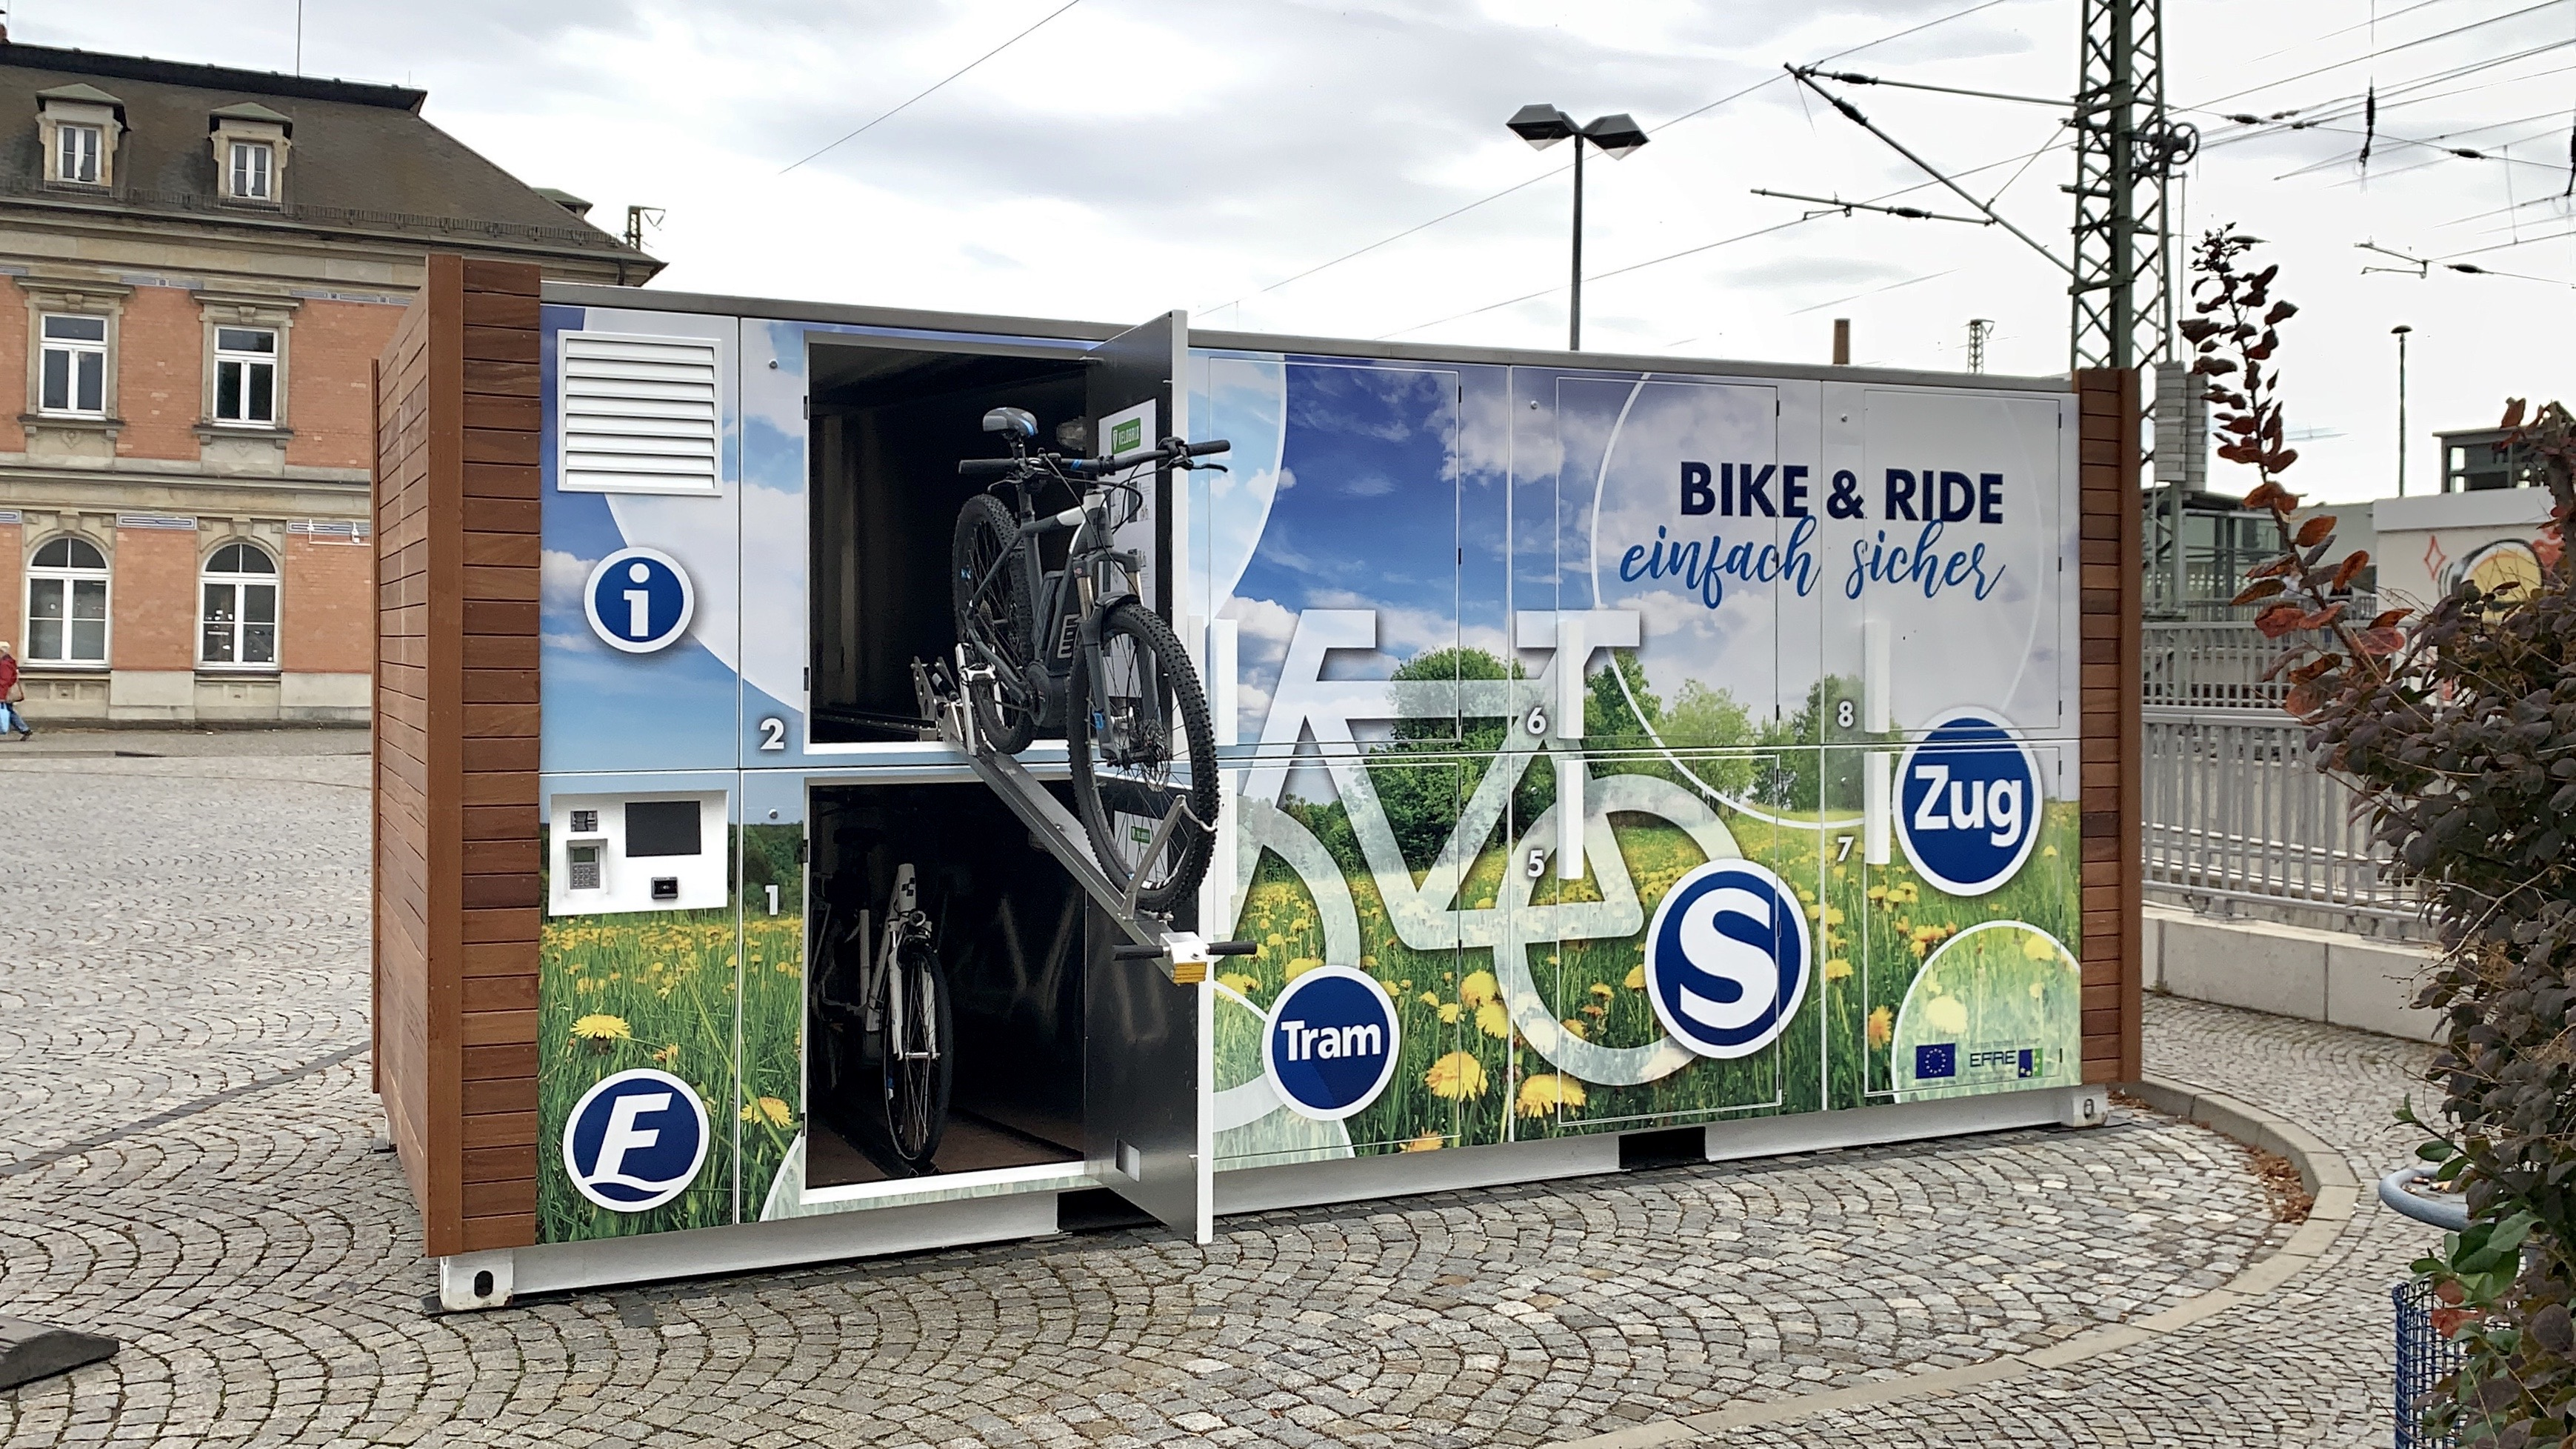 Der Velobrix L ist schnell und vielseitig einsetzbar. Eine Innovation aus Chemnitz geliefert an Kommunen in ganz Deutschland.